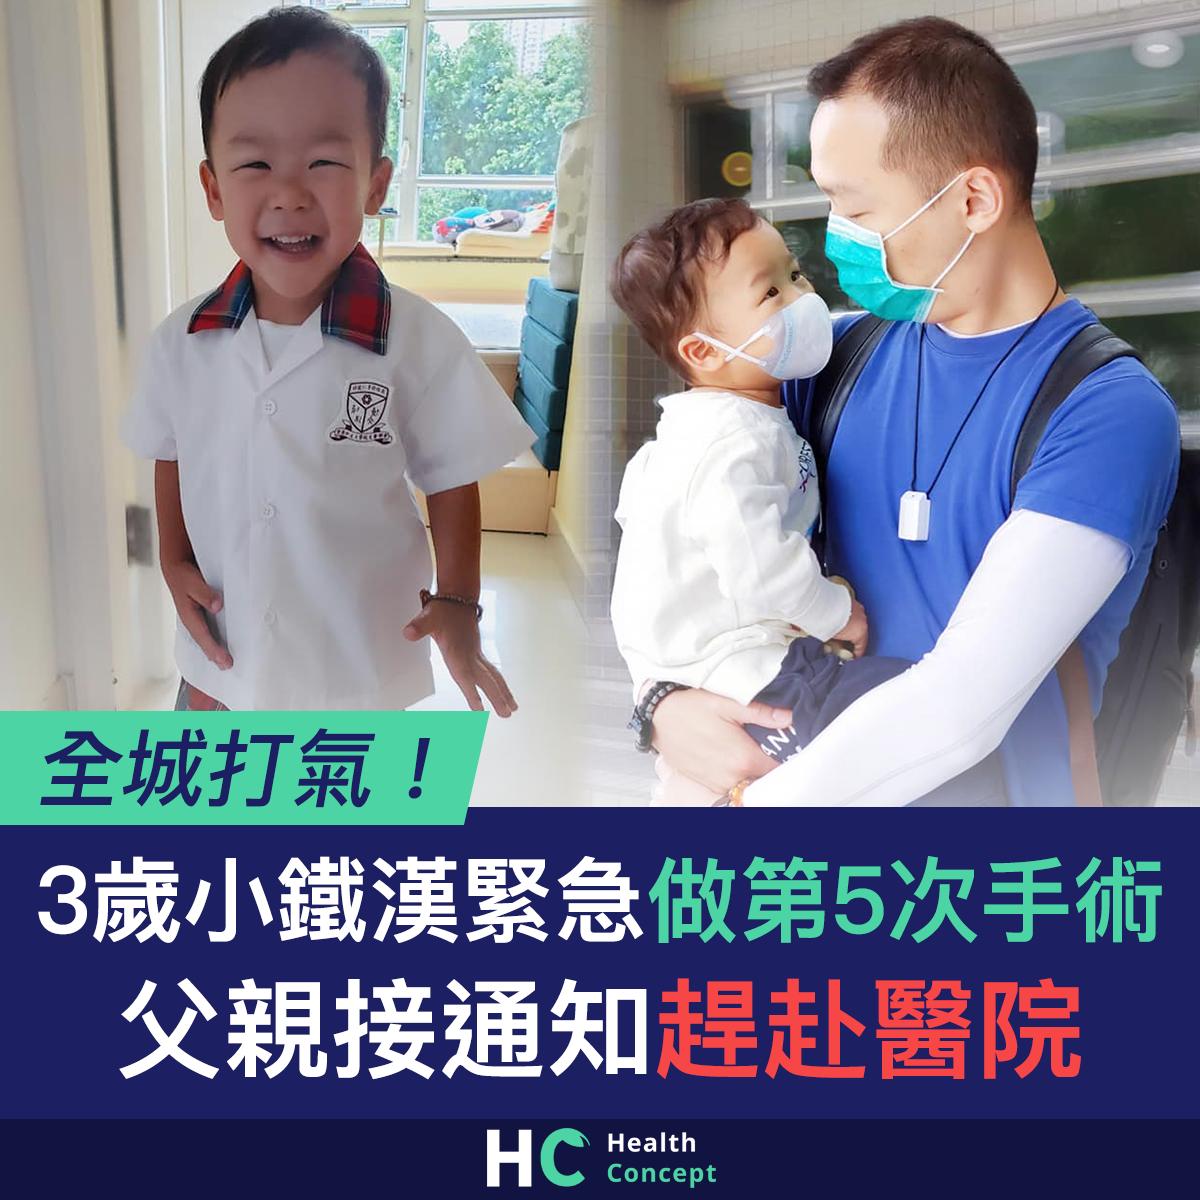 【#全城打氣】3歲小鐵漢緊急做第5次手術 父親接通知趕赴醫院